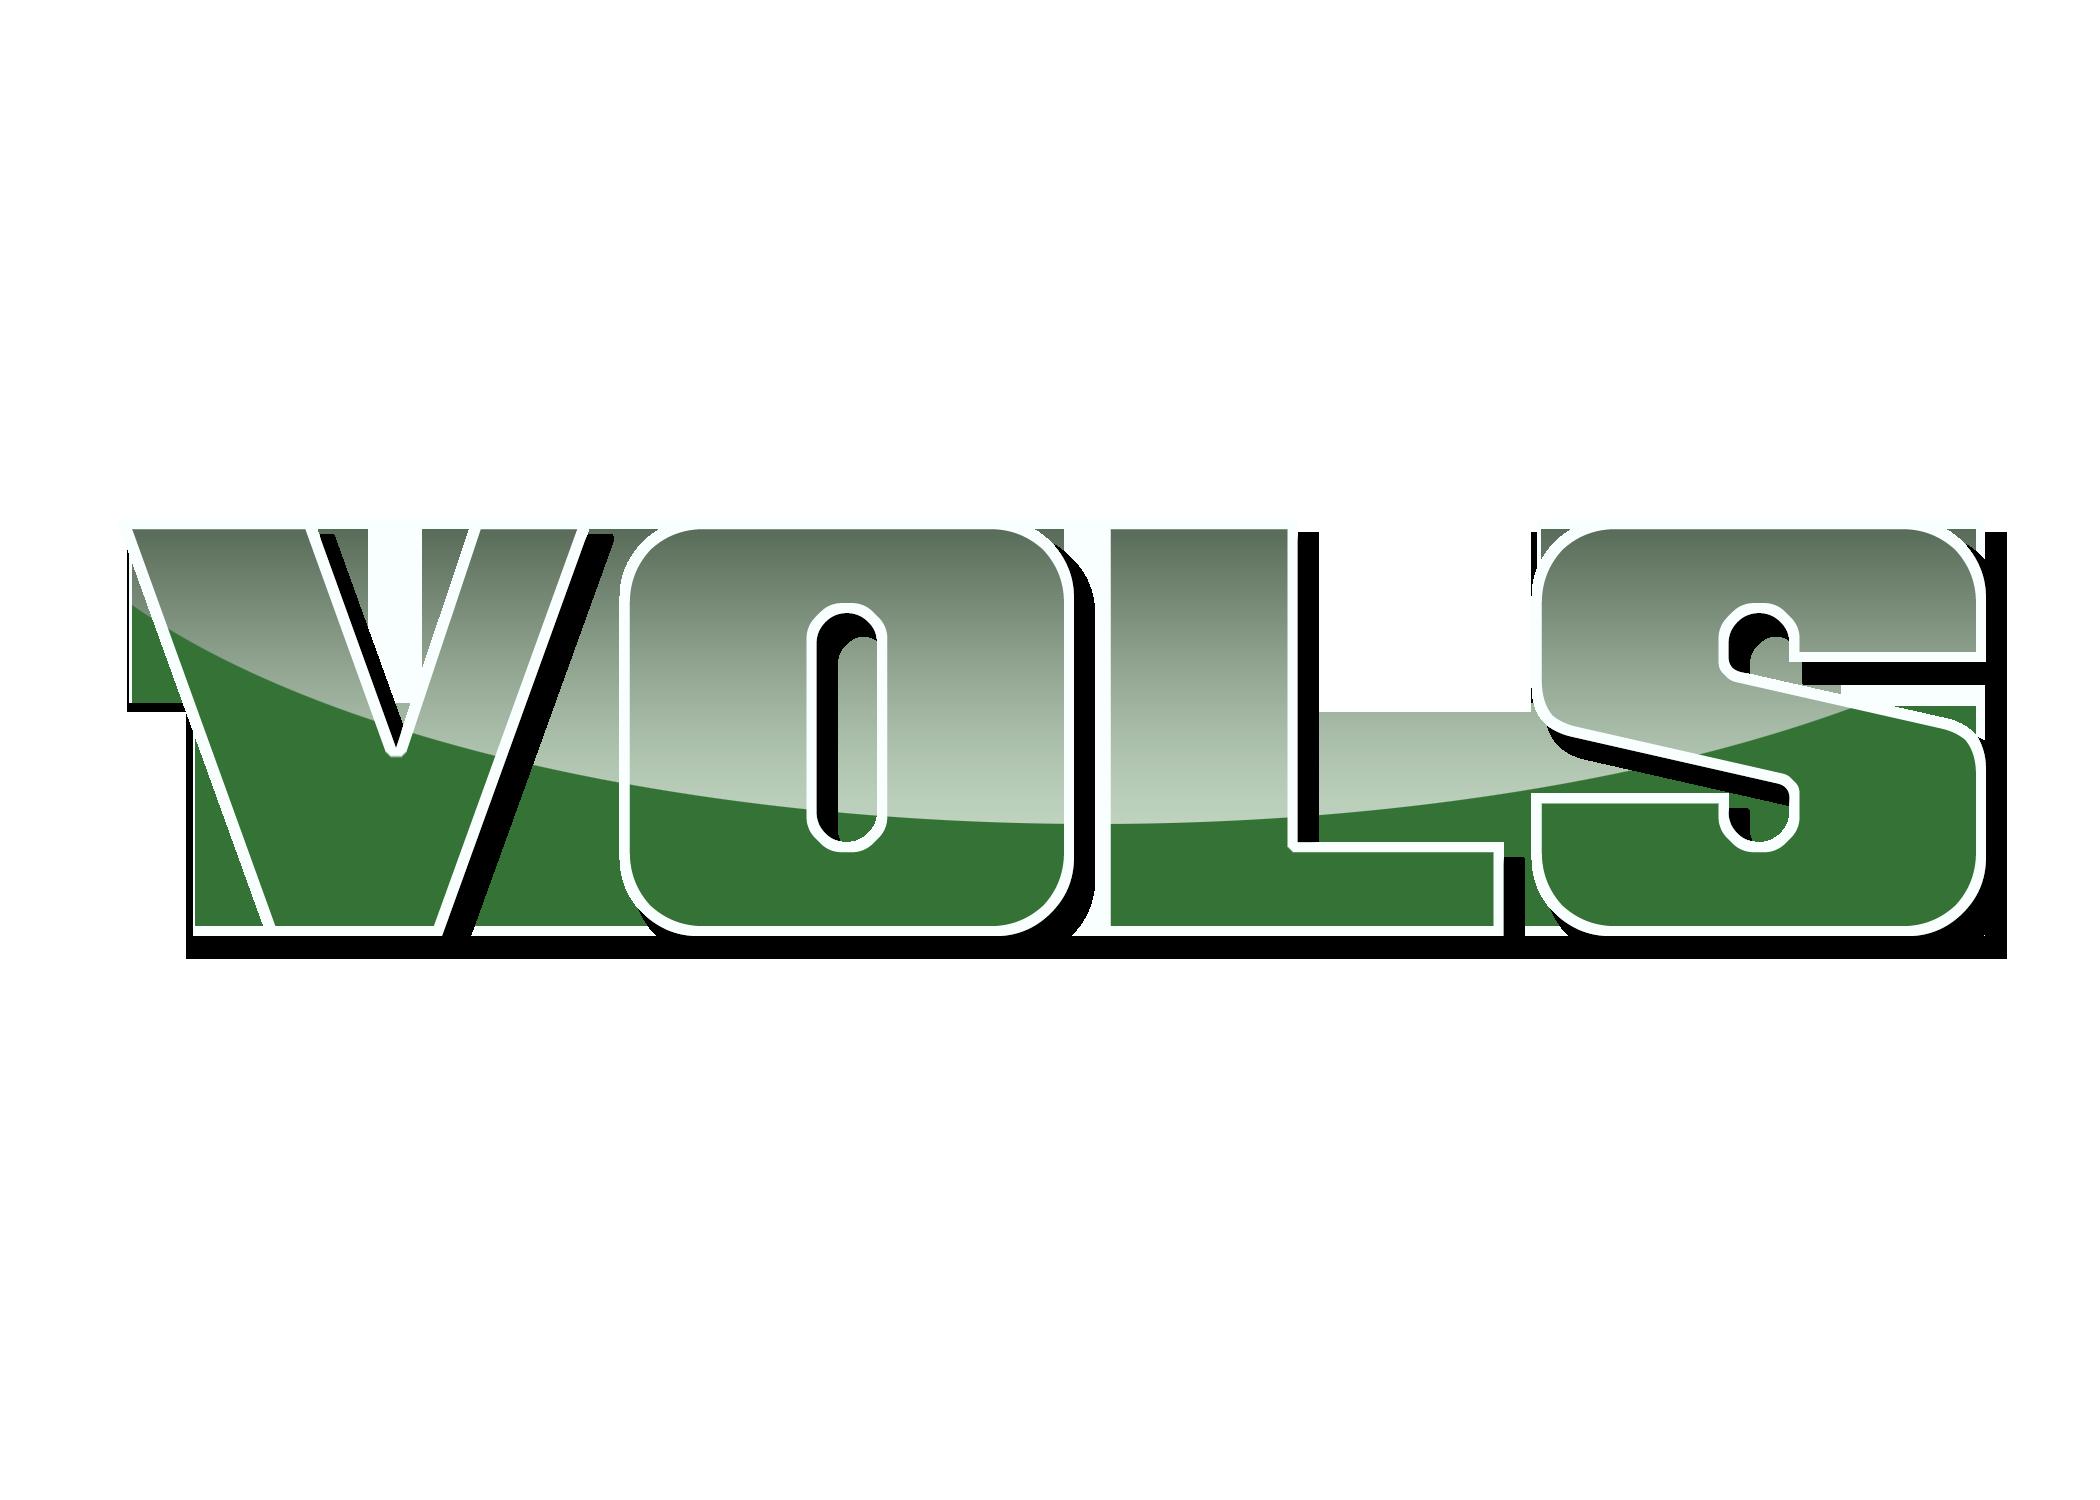 VOLS MAG